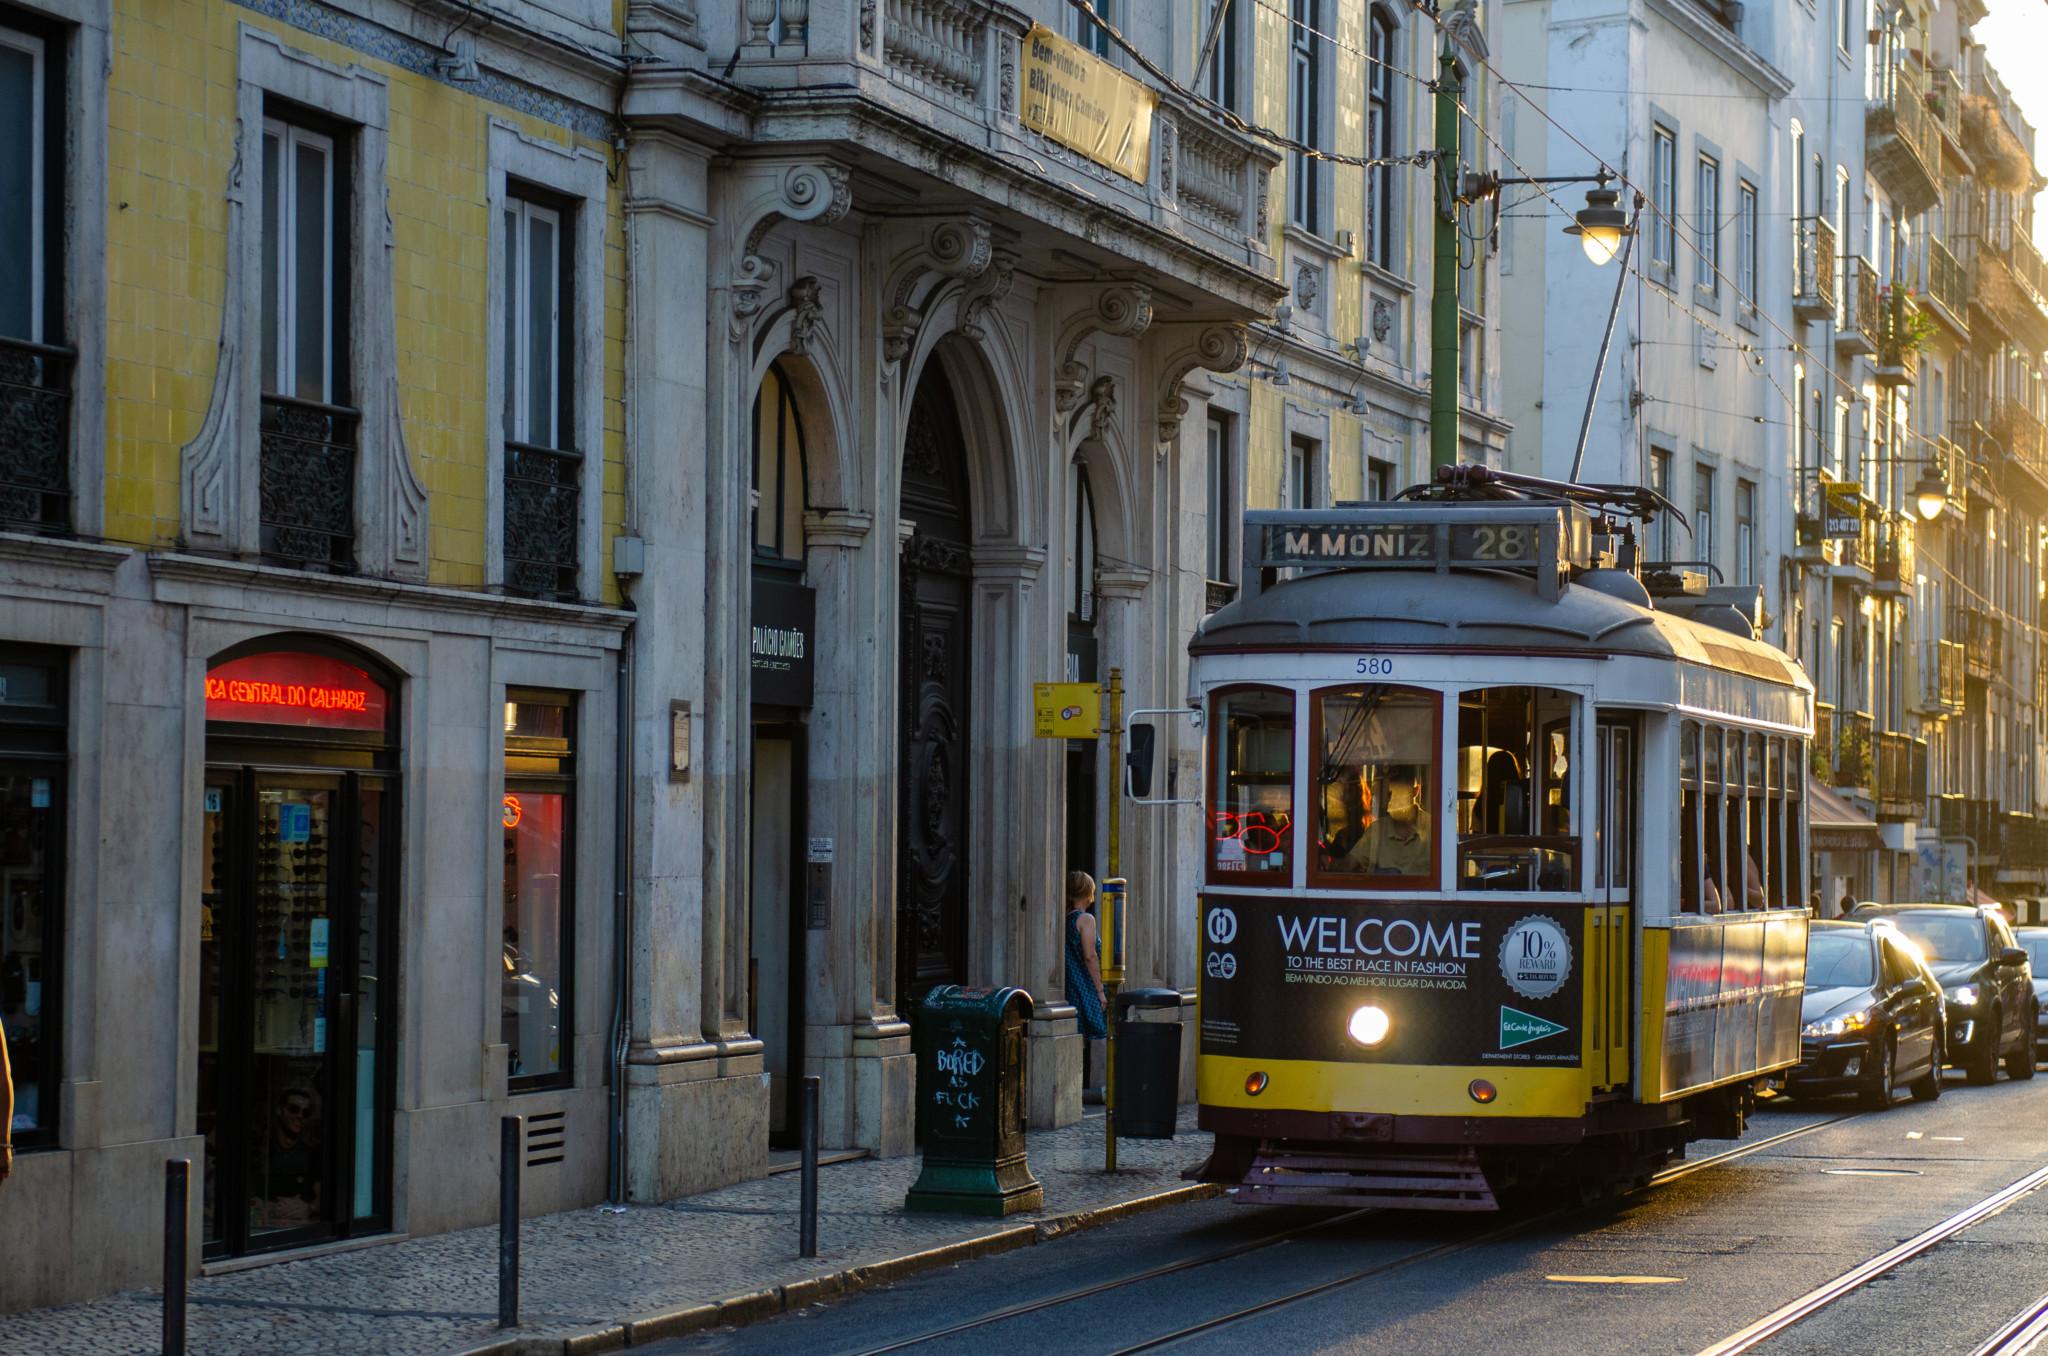 Tram 28 verbindet alle Lissabon Sehenswürdigkeiten miteinander